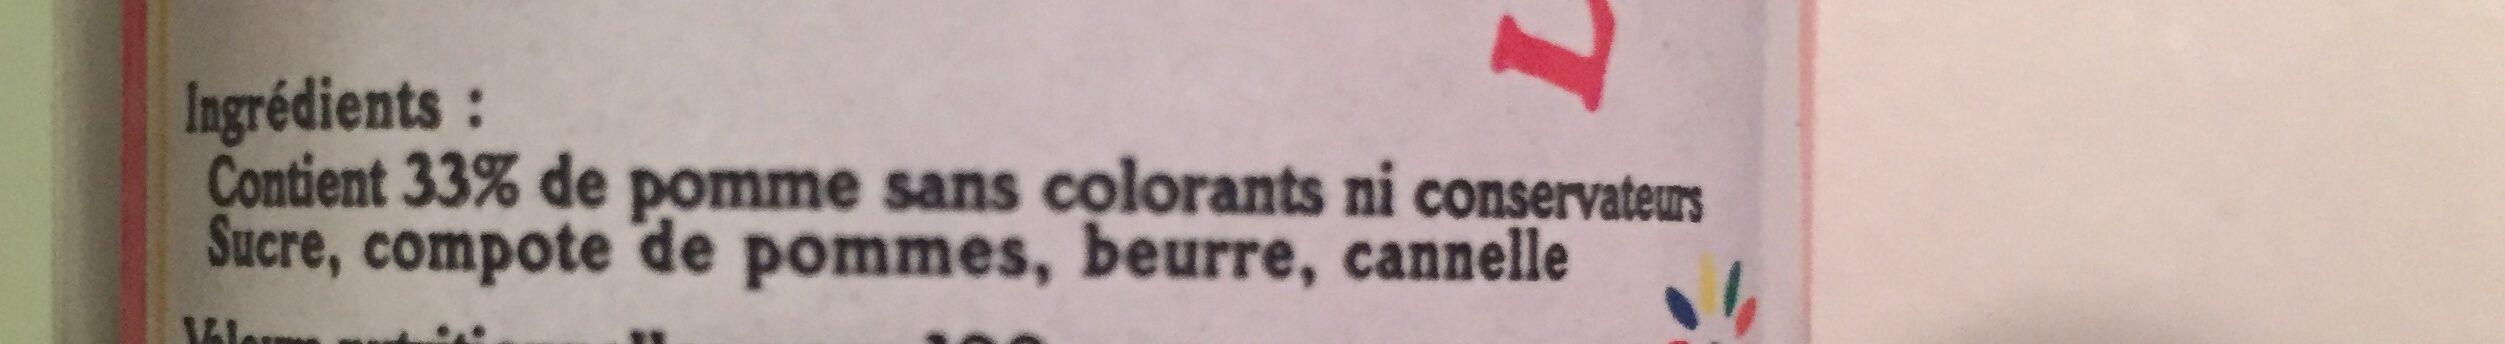 Le caramel de pommes dieppois - Ingrediënten - fr